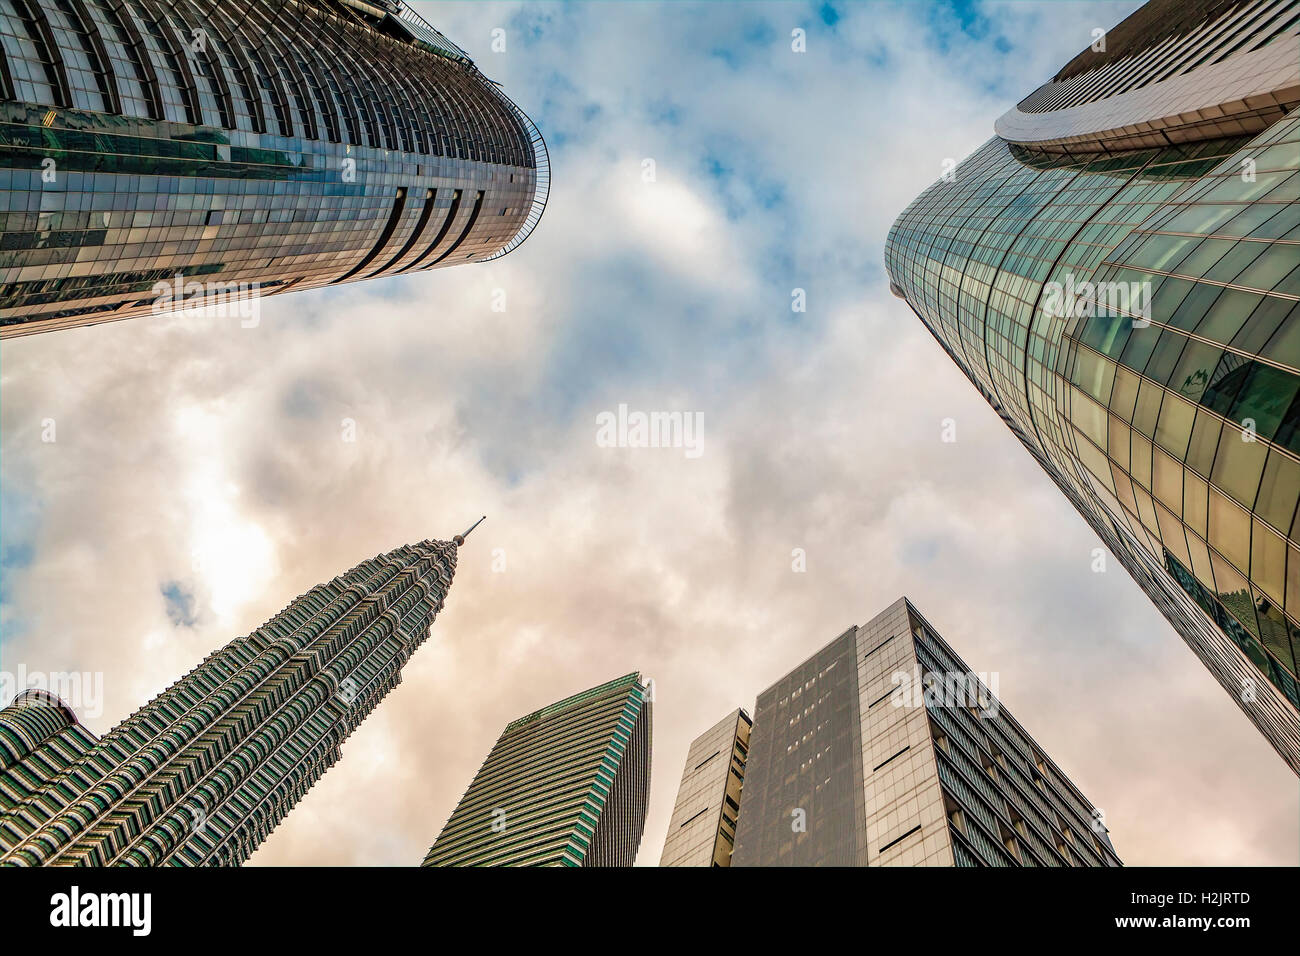 Unusual angle of Petronas Twin Tower #2 and neighboring skyscrapers in Kuala Lumpur, Malysia. - Stock Image